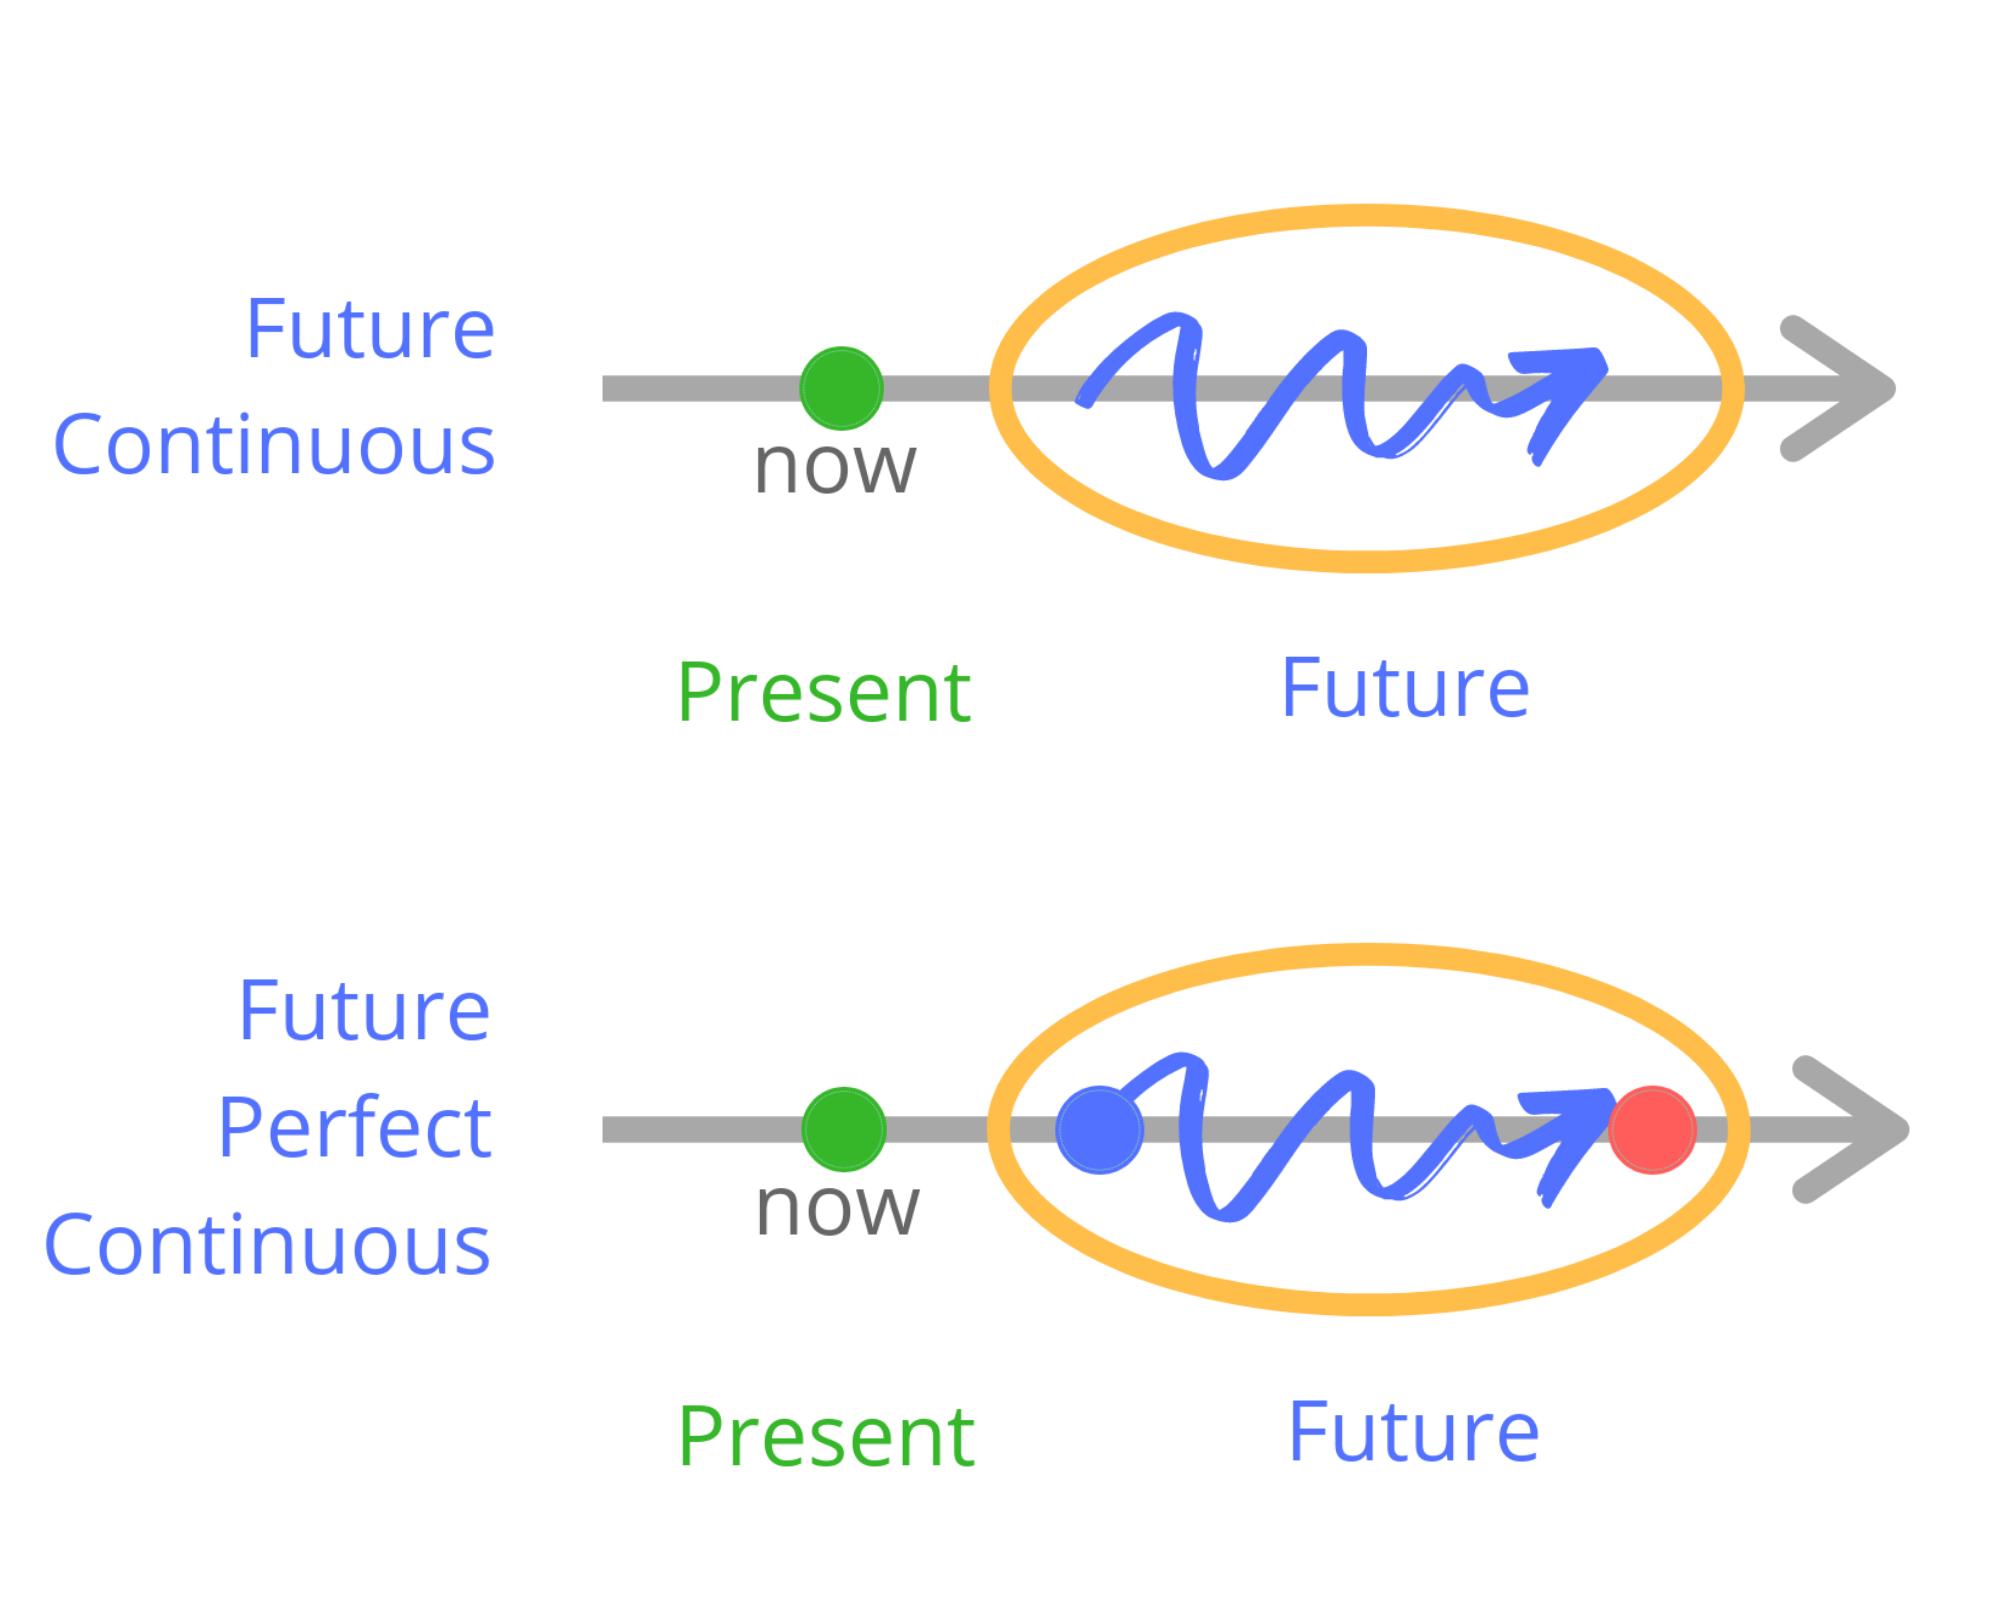 Сравнение Future Continuous и Future Perfect Continuous